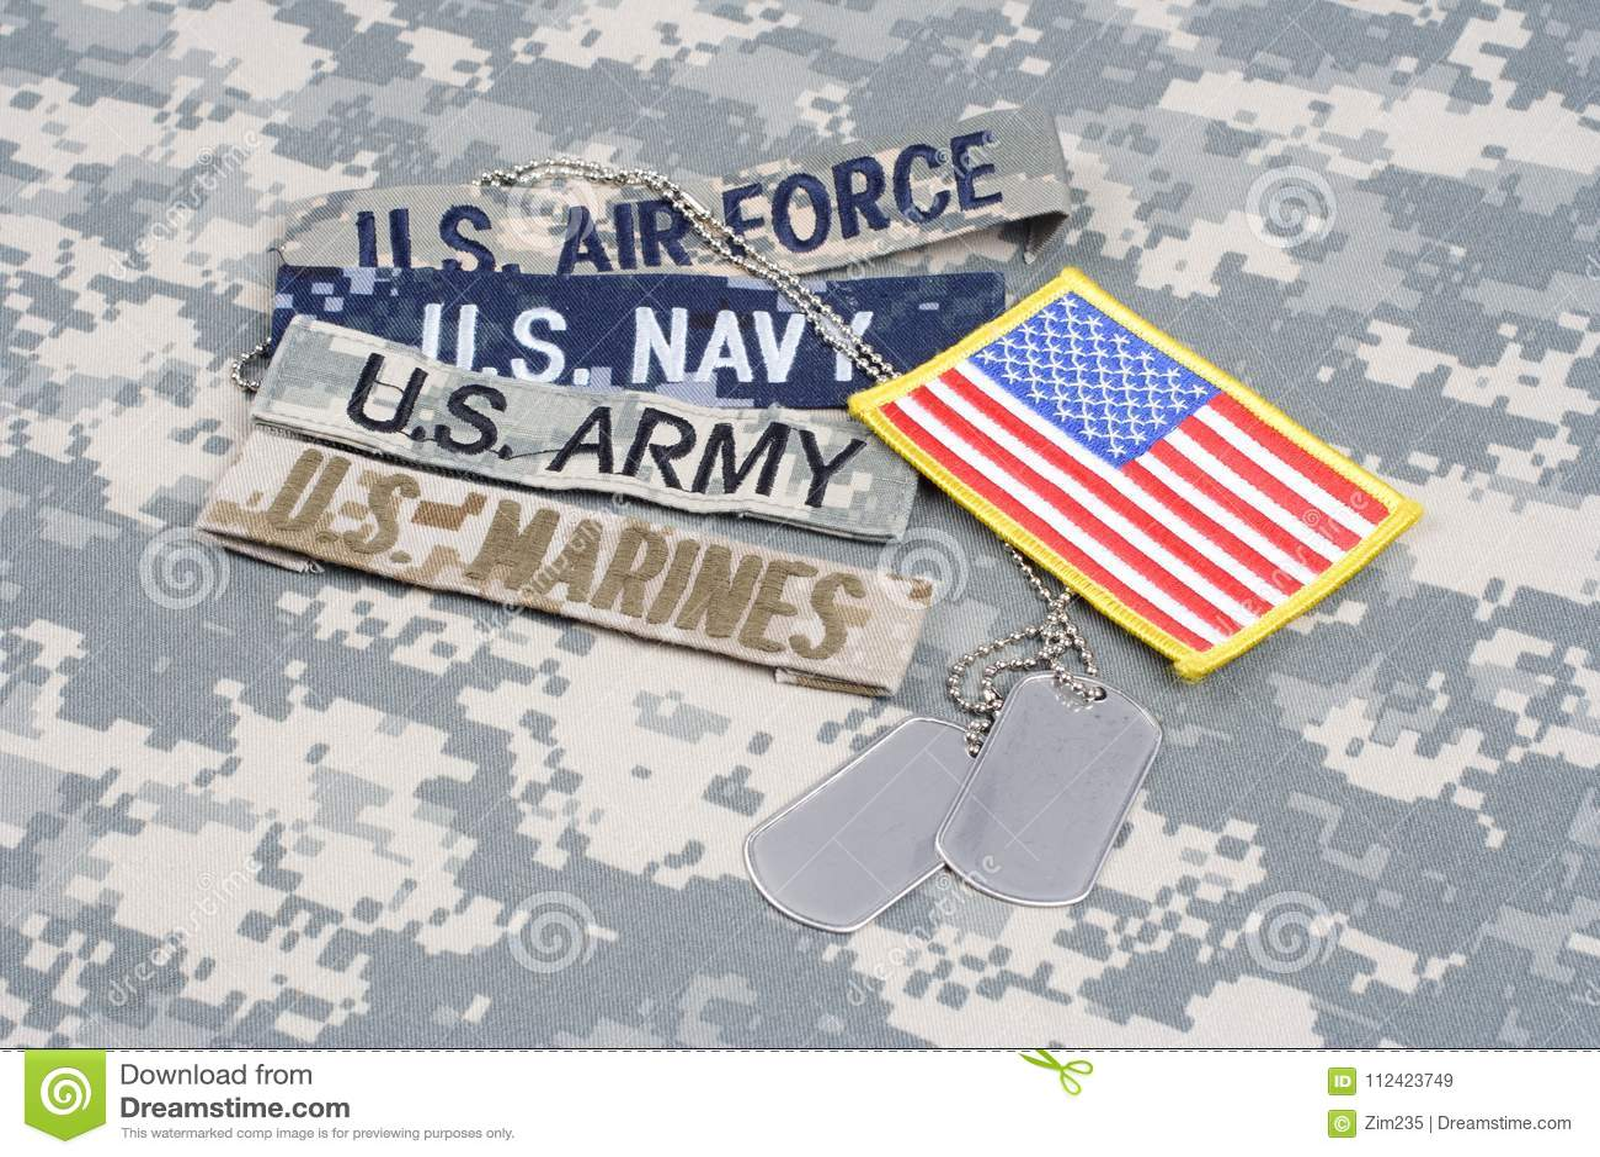 Il concetto MILITARE degli Stati Uniti con nastri adesivi del ramo e le medagliette per cani su cammuffamento uniformano